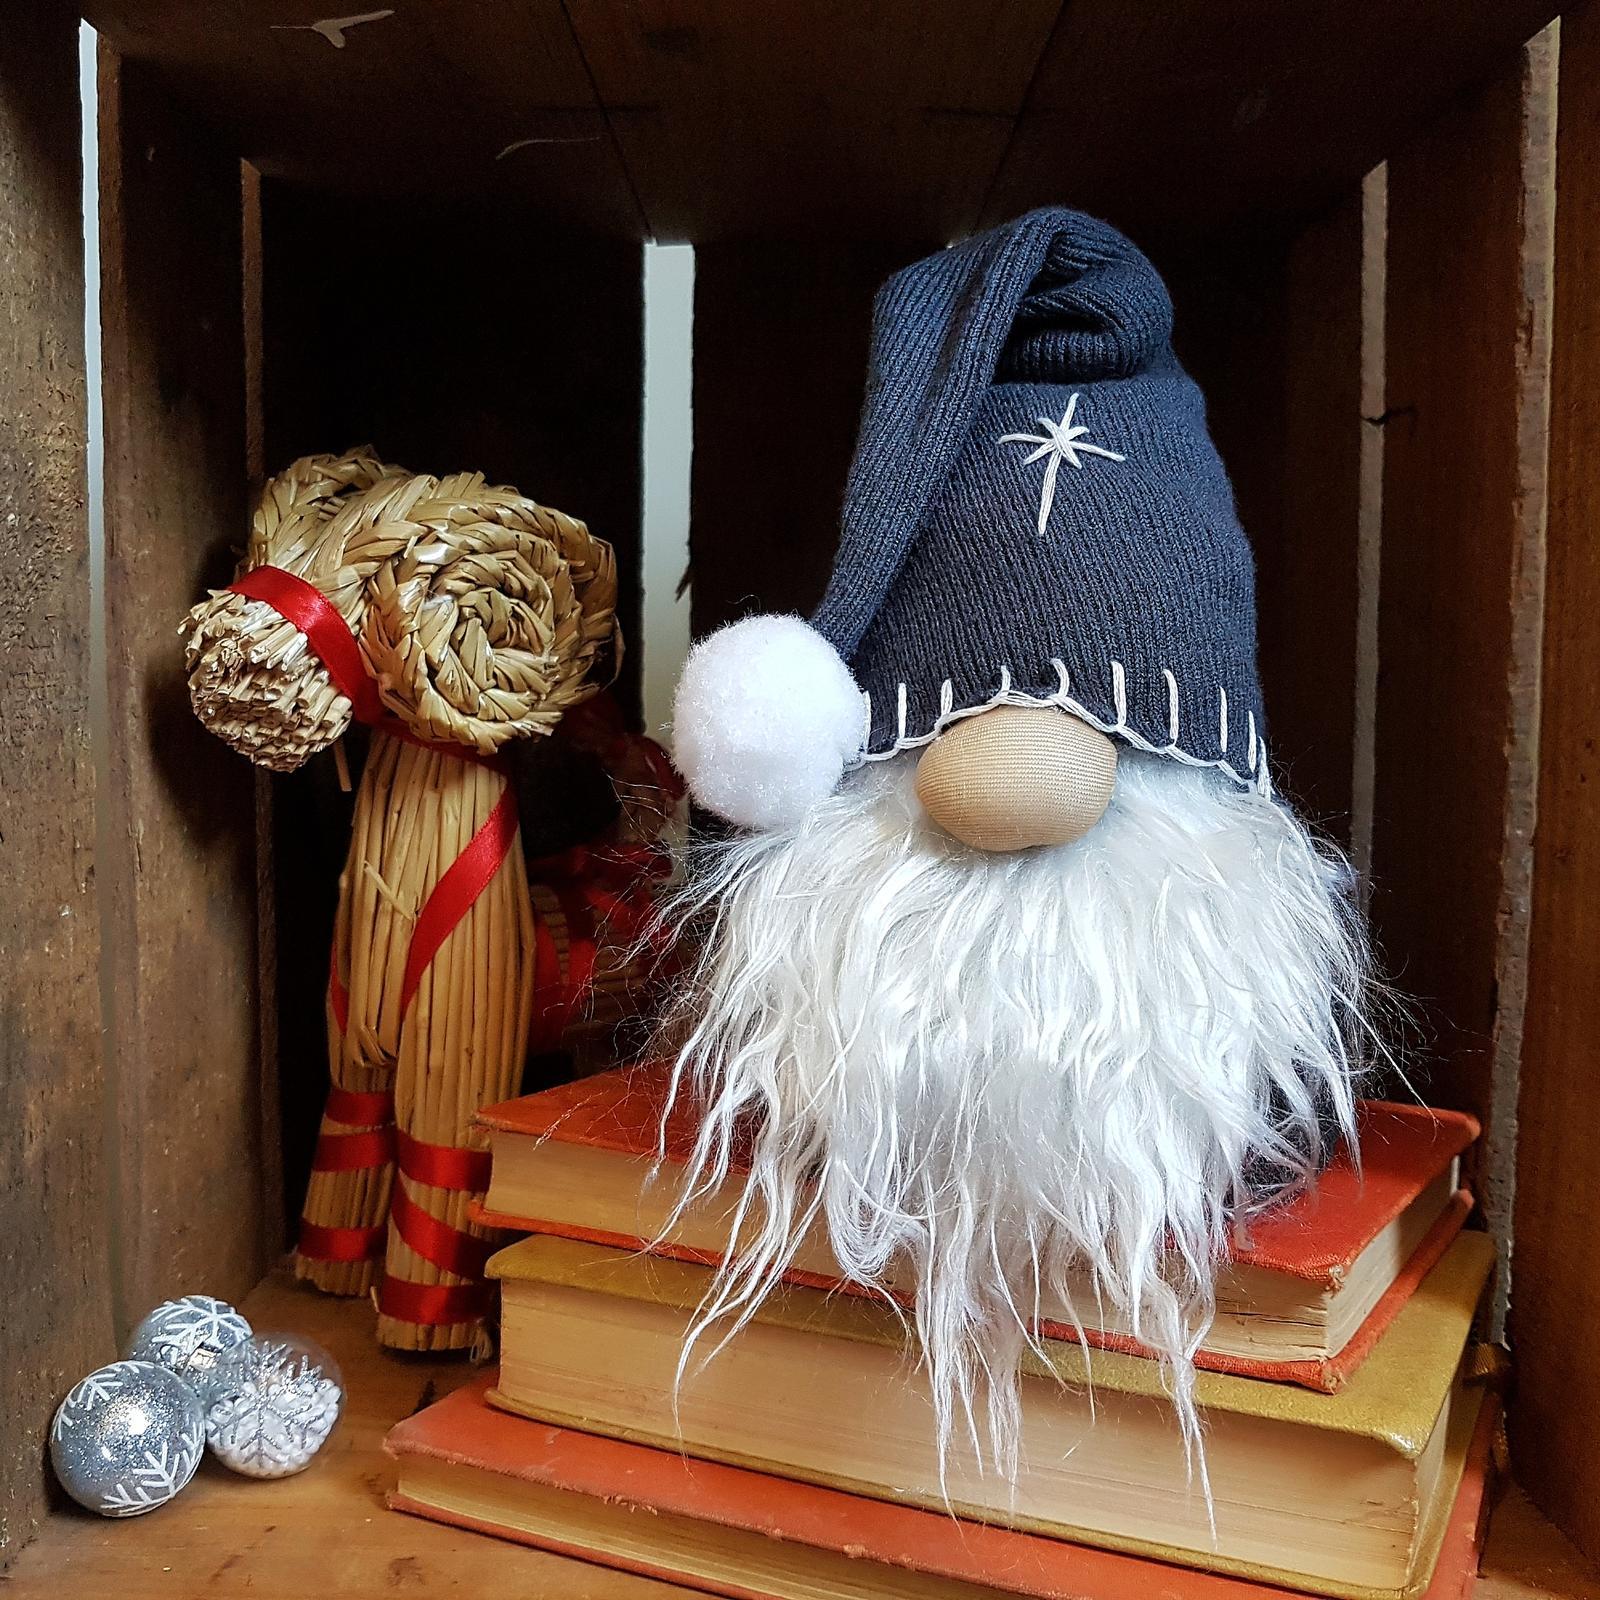 Every home needs a Gnome